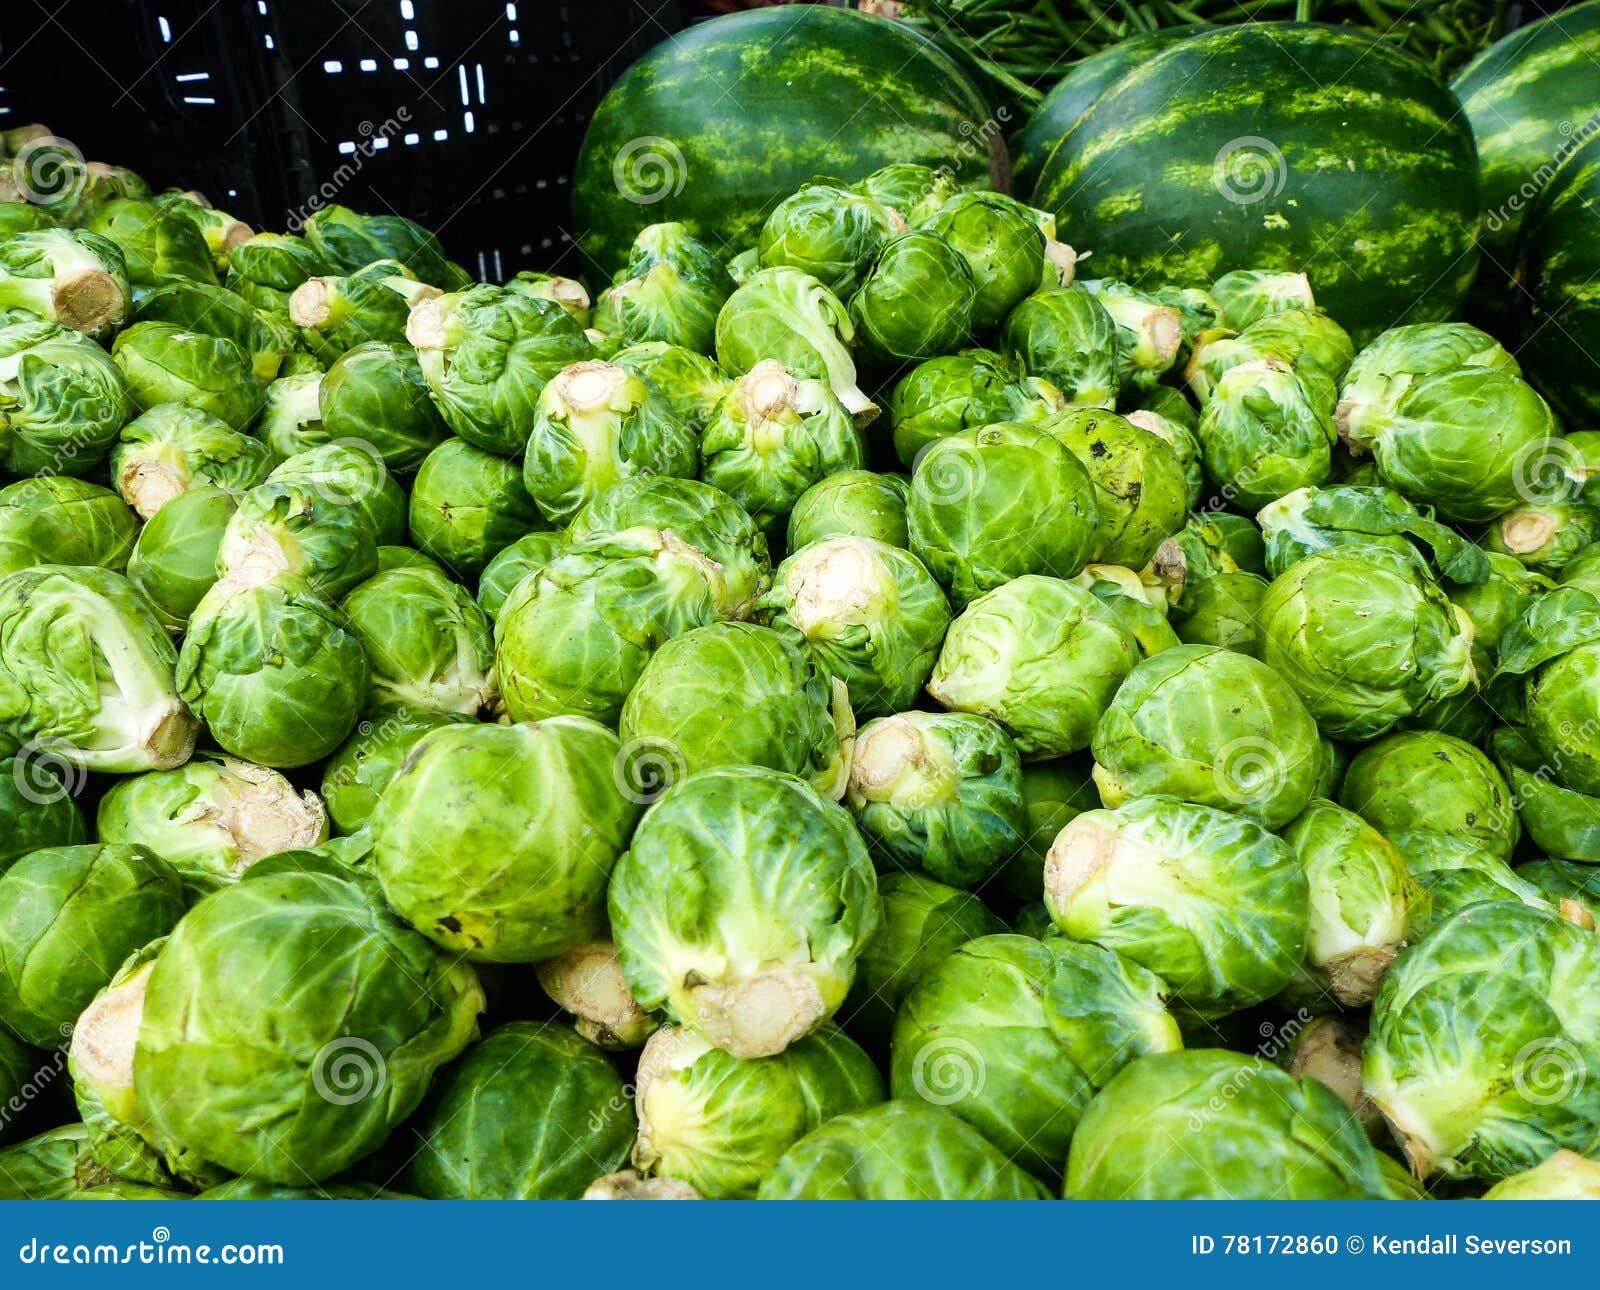 Supporto famoso del mercato degli agricoltori di domenica Hollywood che vende i cavoletti di Bruxelles